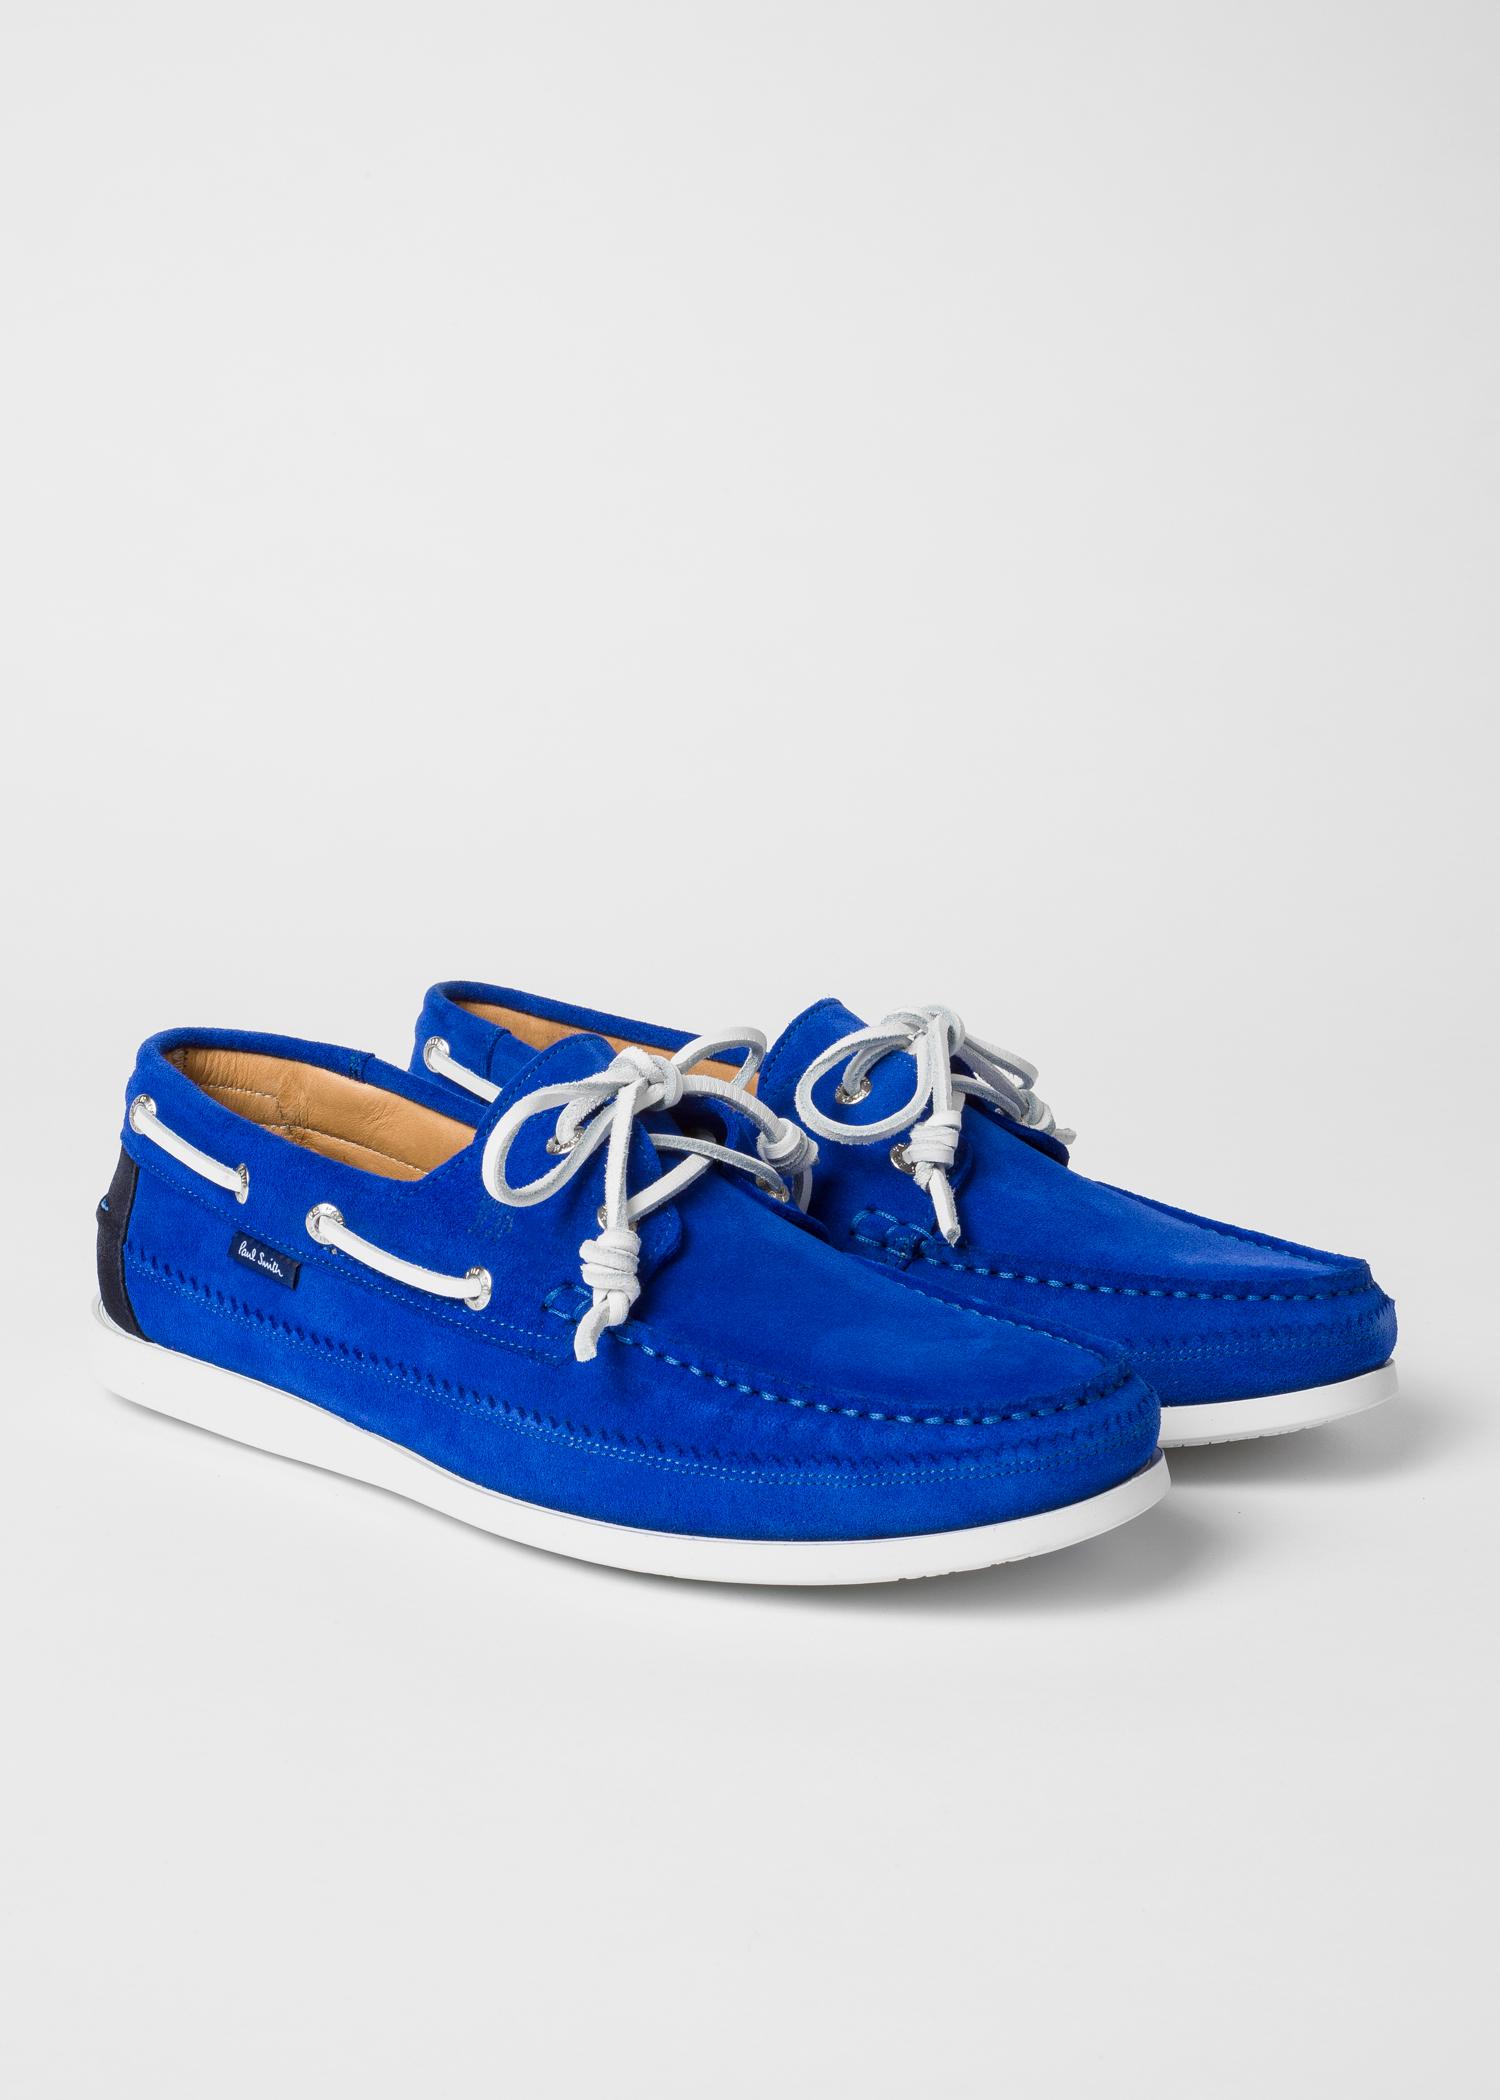 Bleu Cobalt Bateau 'archer' En Cuir Suédé Chaussures BeWdCxor